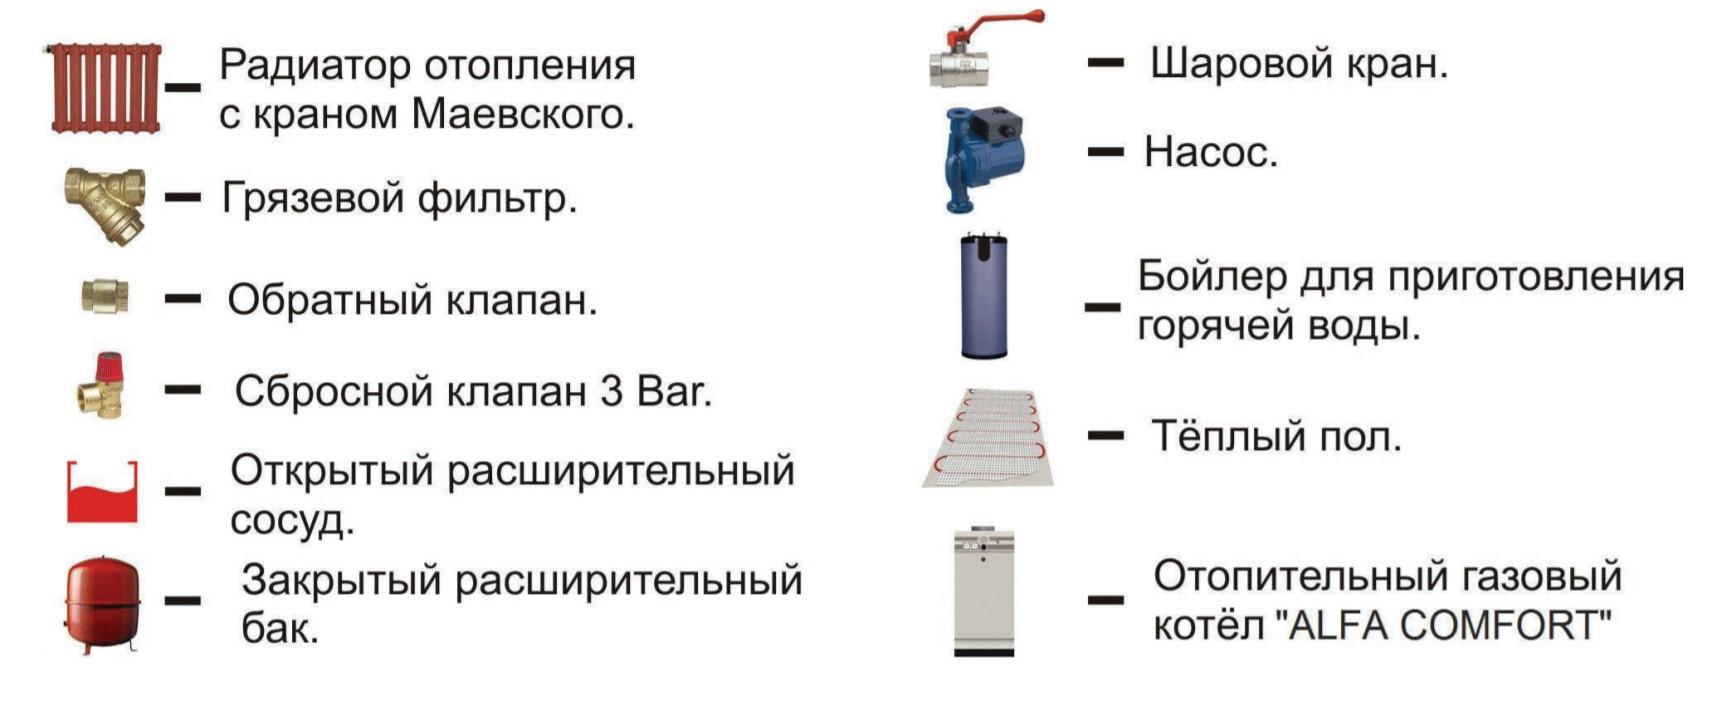 схемы возможного подключения отопительного котла к системе отопления.